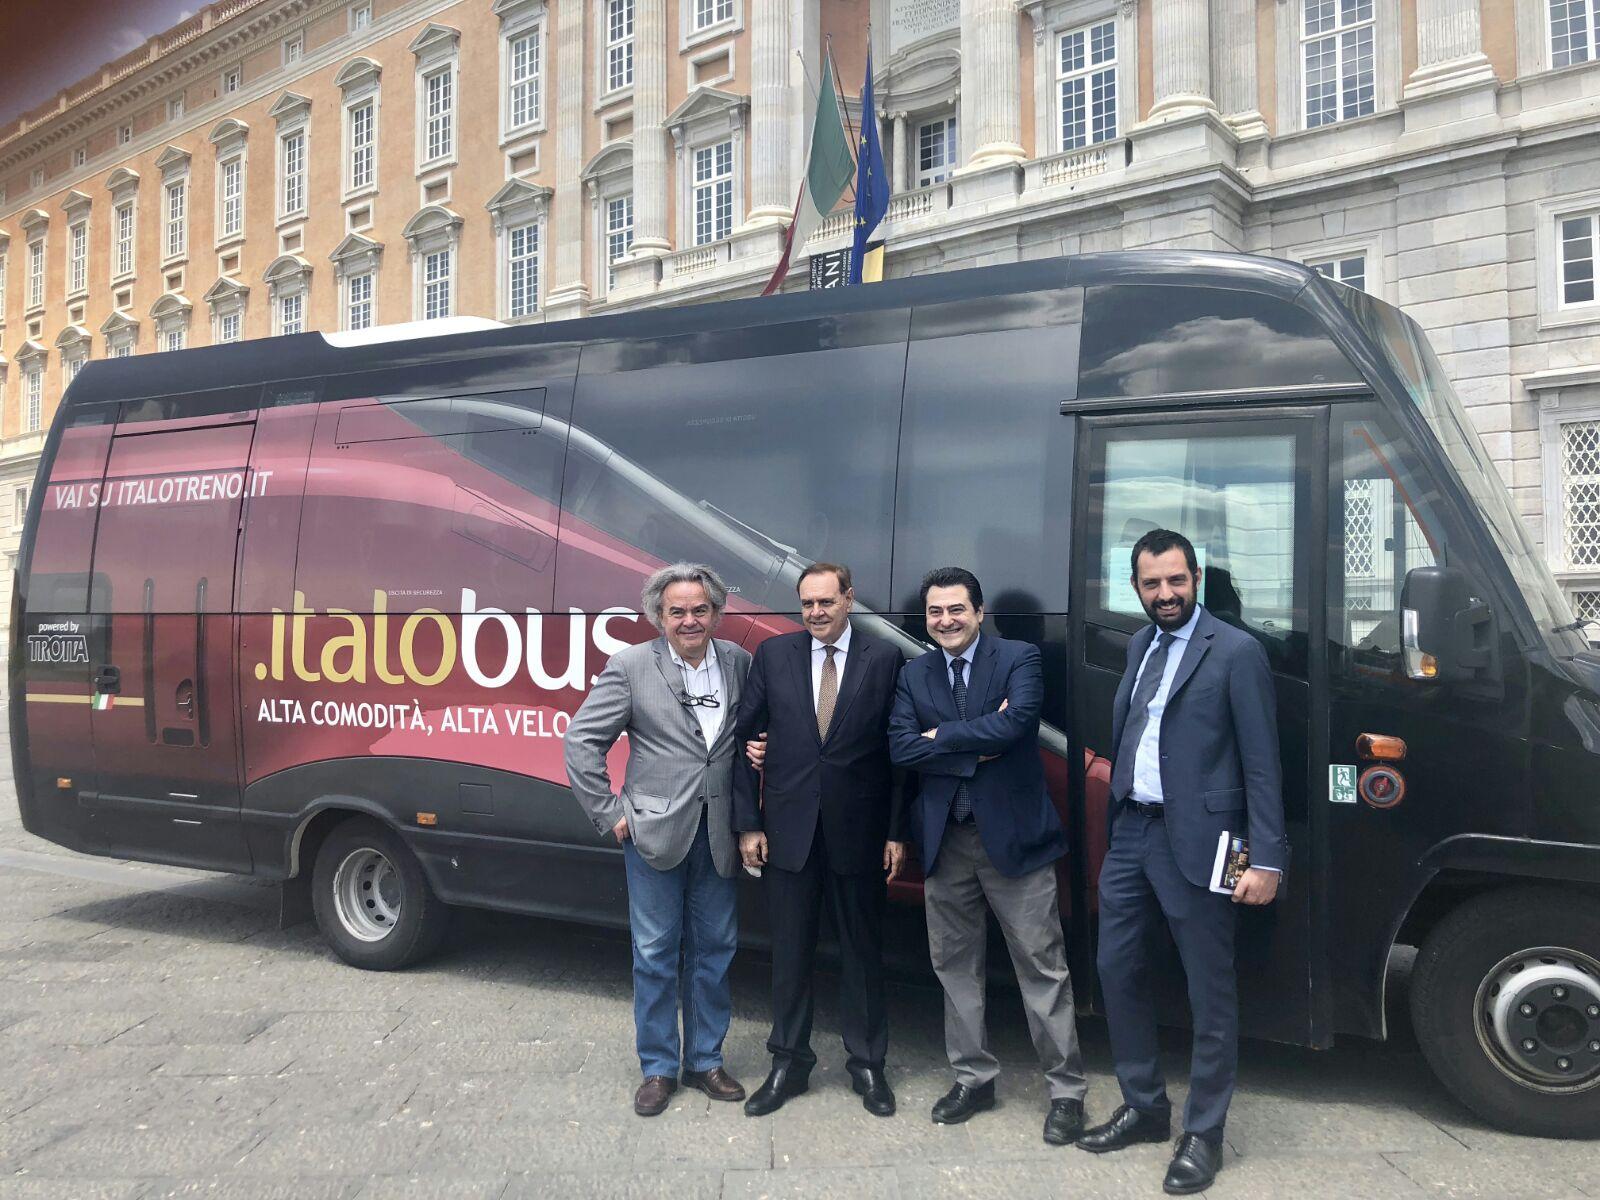 Alta Velocità, ecco come funzionerà il servizio Italobus nel Sannio: prime corse il 14 giugno